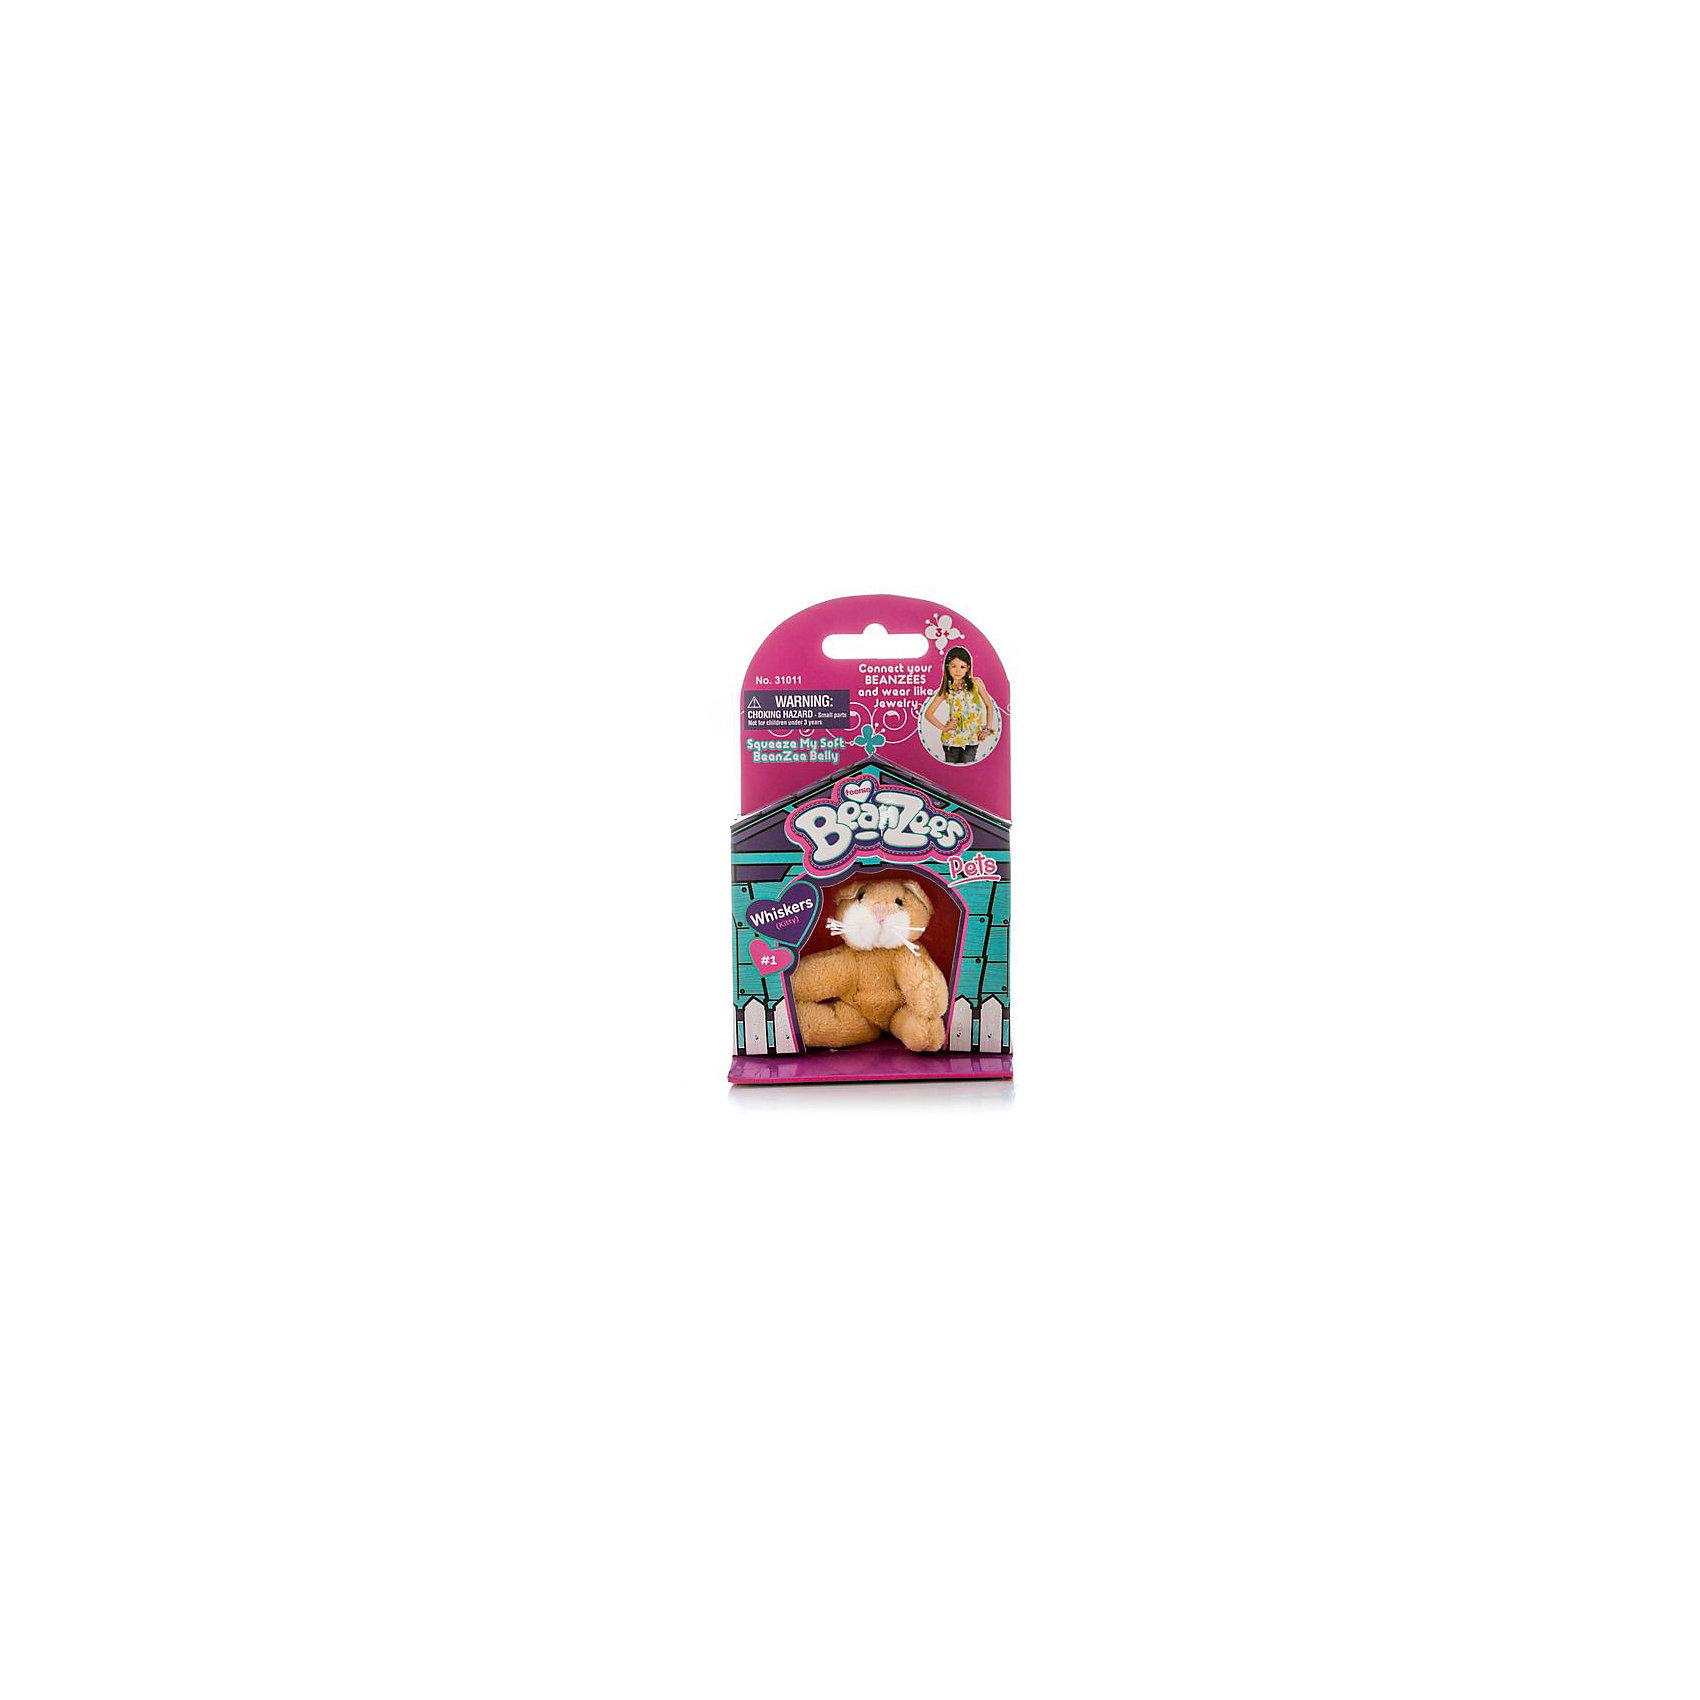 Мини-плюш Кошка, BeanzeezХарактеристики товара:<br><br>• особенности: наличие на лапках липучек, игрушку можно соединять с другими героями из серии<br>• материал: пластик, текстиль<br>• размер упаковки: 9х5,5х14,5 см.<br>• высота игрушки: 5 см<br>• возраст: от 3 лет<br>• страна бренда: США<br>• страна производства: Китай<br><br>Такая симпатичная игрушка не оставит ребенка равнодушным! Какой малыш откажется поиграть с маленькими плюшевыми игрушками из большой пушистой коллекции?! Игрушки очень качественно выполнены, поэтому такая фигурка станет отличным подарком ребенку. Благодаря липучкам на лапках животных можно соединить между собой. Дети приходят в восторг от этих игрушек!<br>Такие предметы помогают ребенку отрабатывать новые навыки и способности - развивать ловкость, мелкую моторику, воображение, мышление, логику. Изделие производится из качественных сертифицированных материалов, безопасных даже для самых маленьких.<br><br>Мини-плюш Кошка от бренда Beanzeez можно купить в нашем интернет-магазине.<br><br>Ширина мм: 50<br>Глубина мм: 140<br>Высота мм: 85<br>Вес г: 73<br>Возраст от месяцев: 36<br>Возраст до месяцев: 2147483647<br>Пол: Женский<br>Возраст: Детский<br>SKU: 5218664